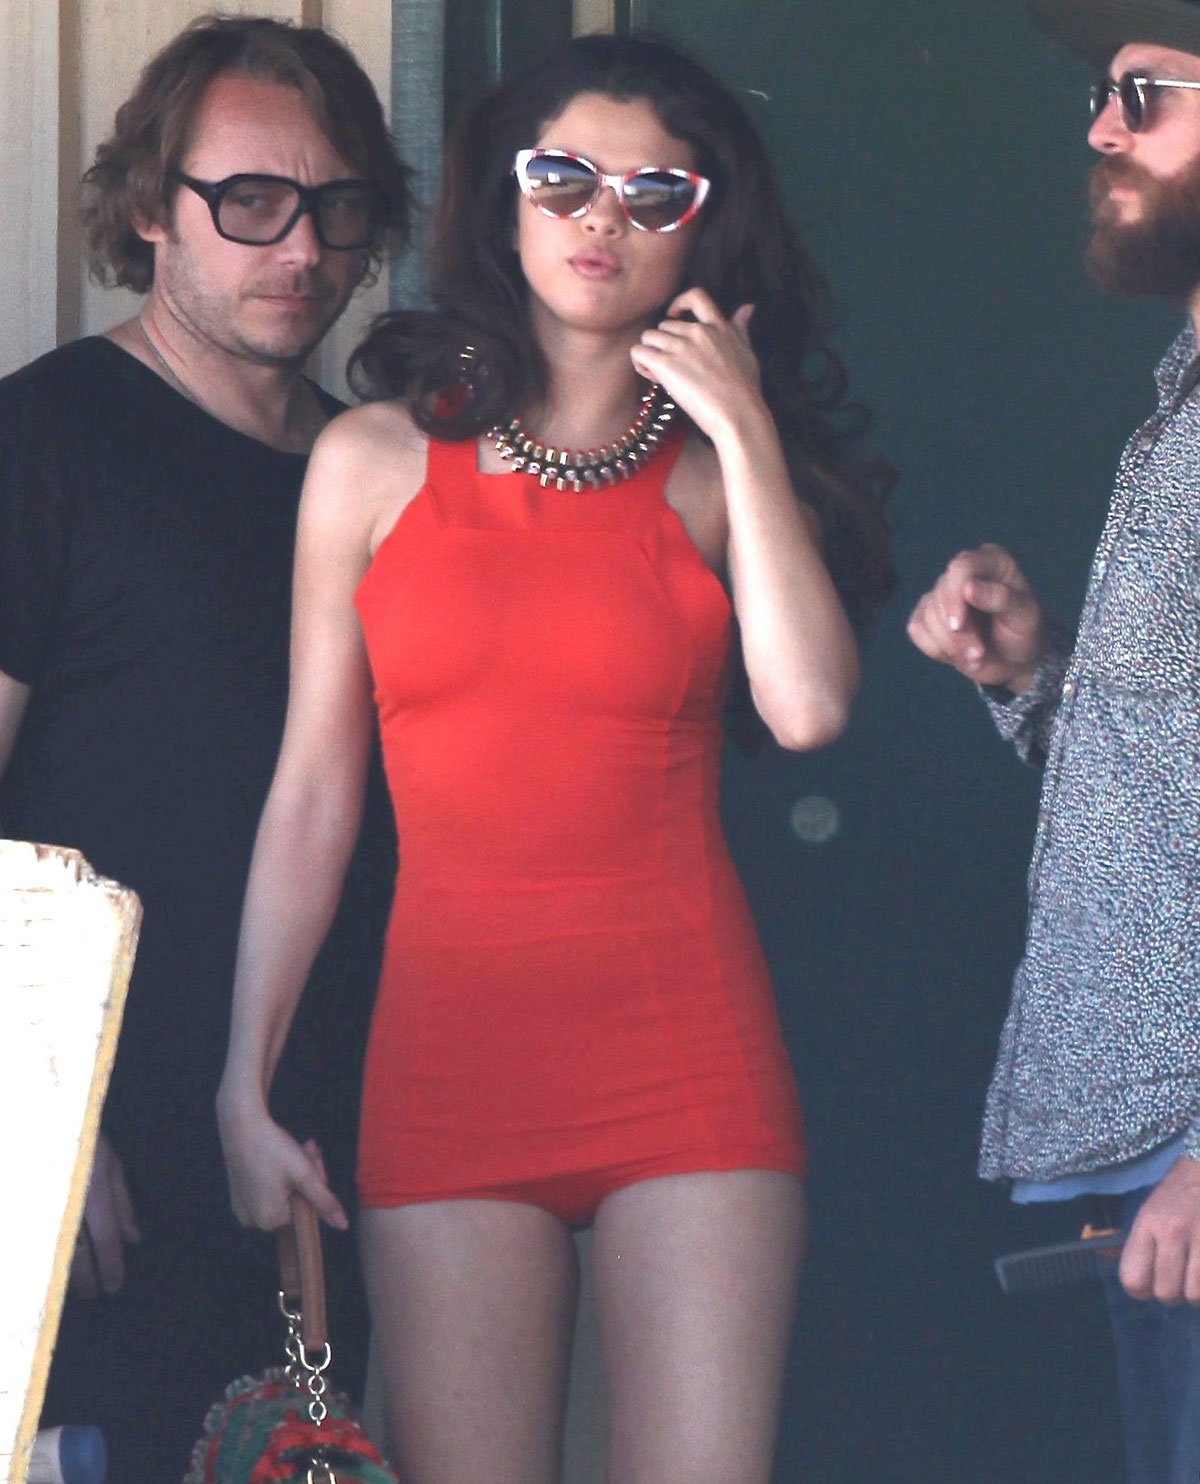 http://4.bp.blogspot.com/-mLdx9d9Ldko/UTldDpjnRqI/AAAAAAAANXo/nCgy78qEObQ/s1600/Selena-Gomez-Filming-a-Video-in-Los-Angeles-13.jpg